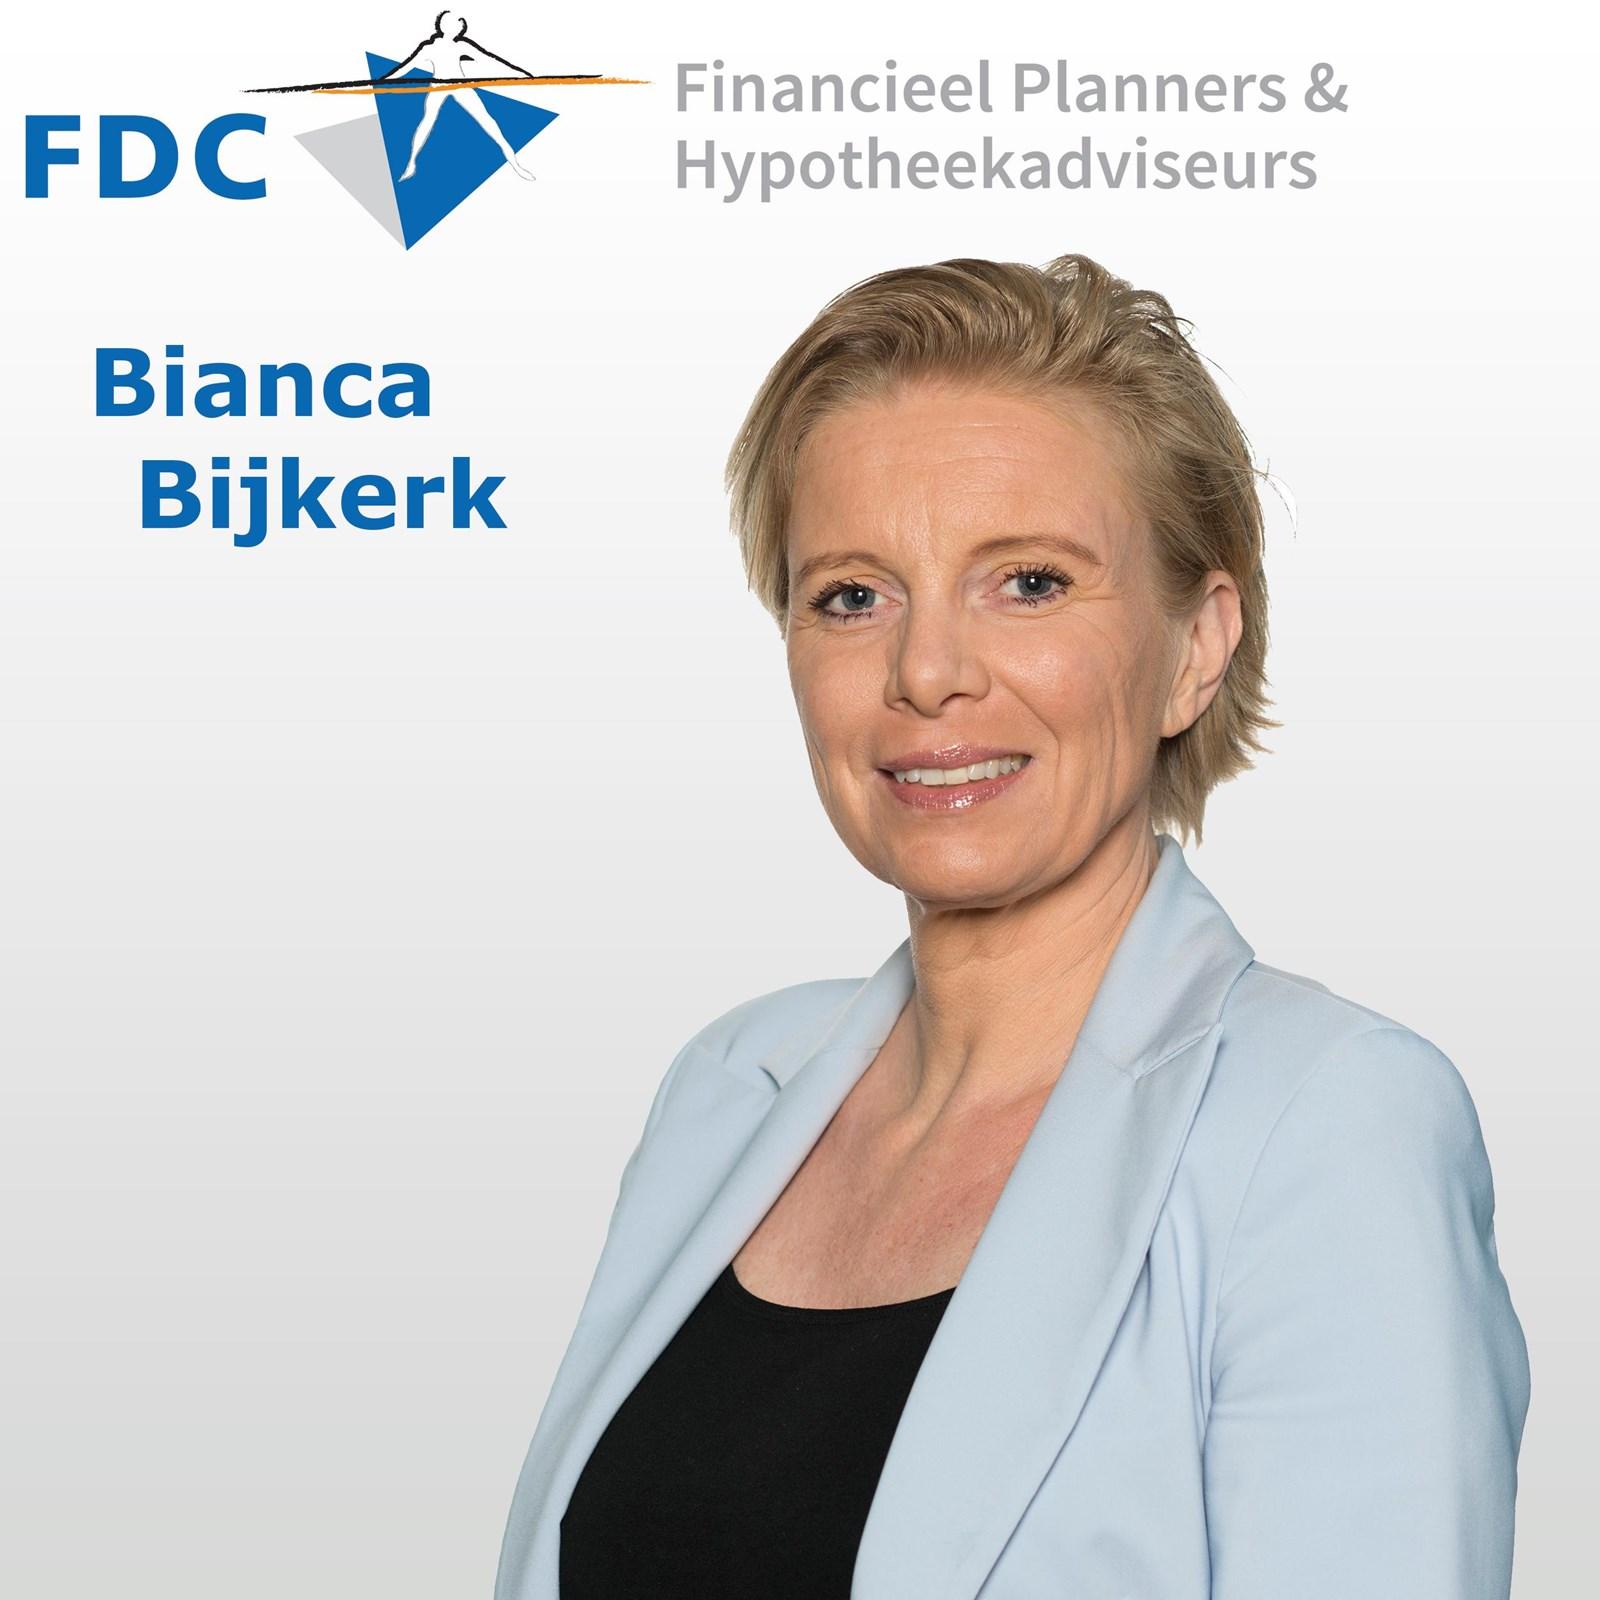 Foto van Bianca Bijkerk